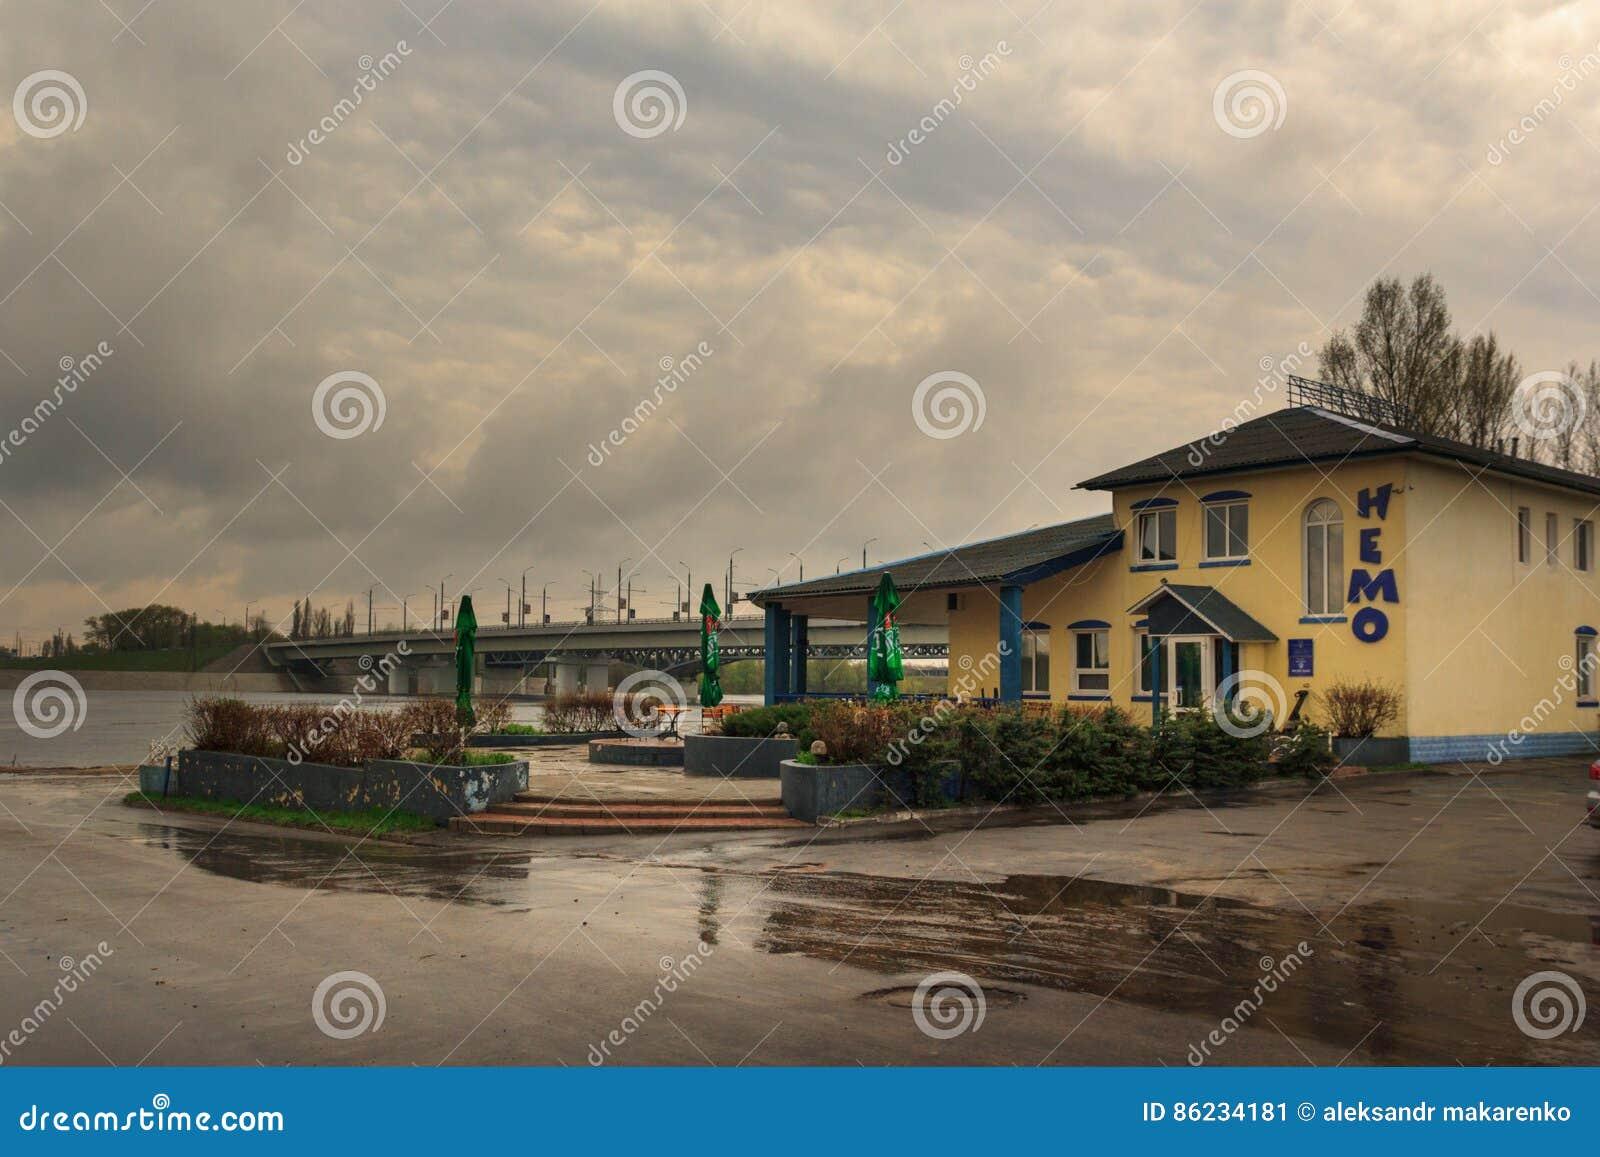 戈梅利,白俄罗斯- 2013年5月1日:咖啡馆酒吧NEMO 娱乐中心